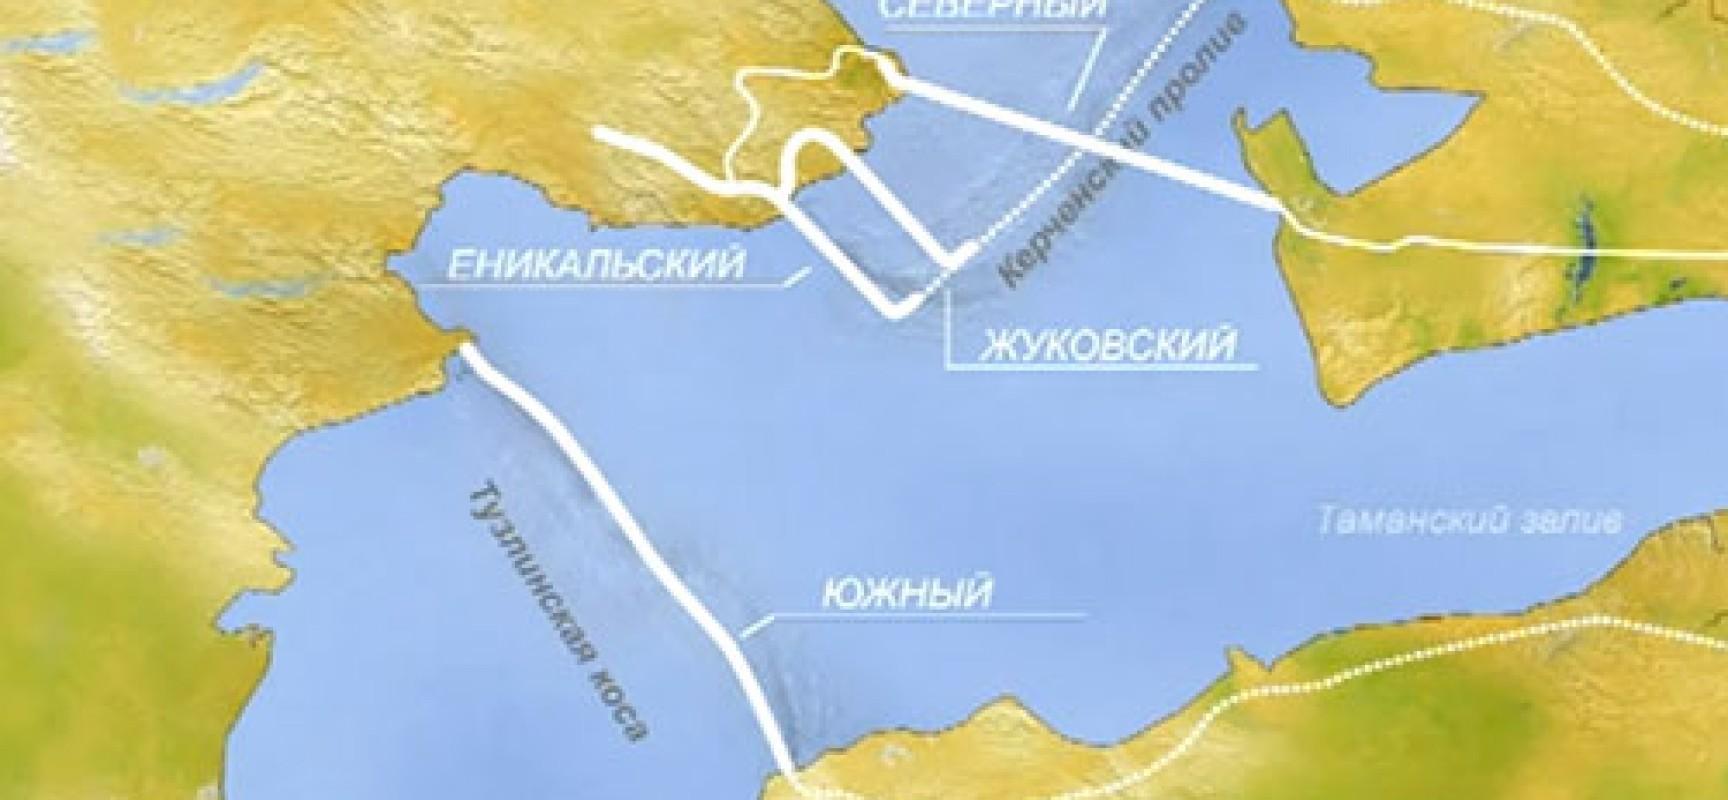 Документация и технико-экономическое обоснование будут готовы к ноябрю 2014